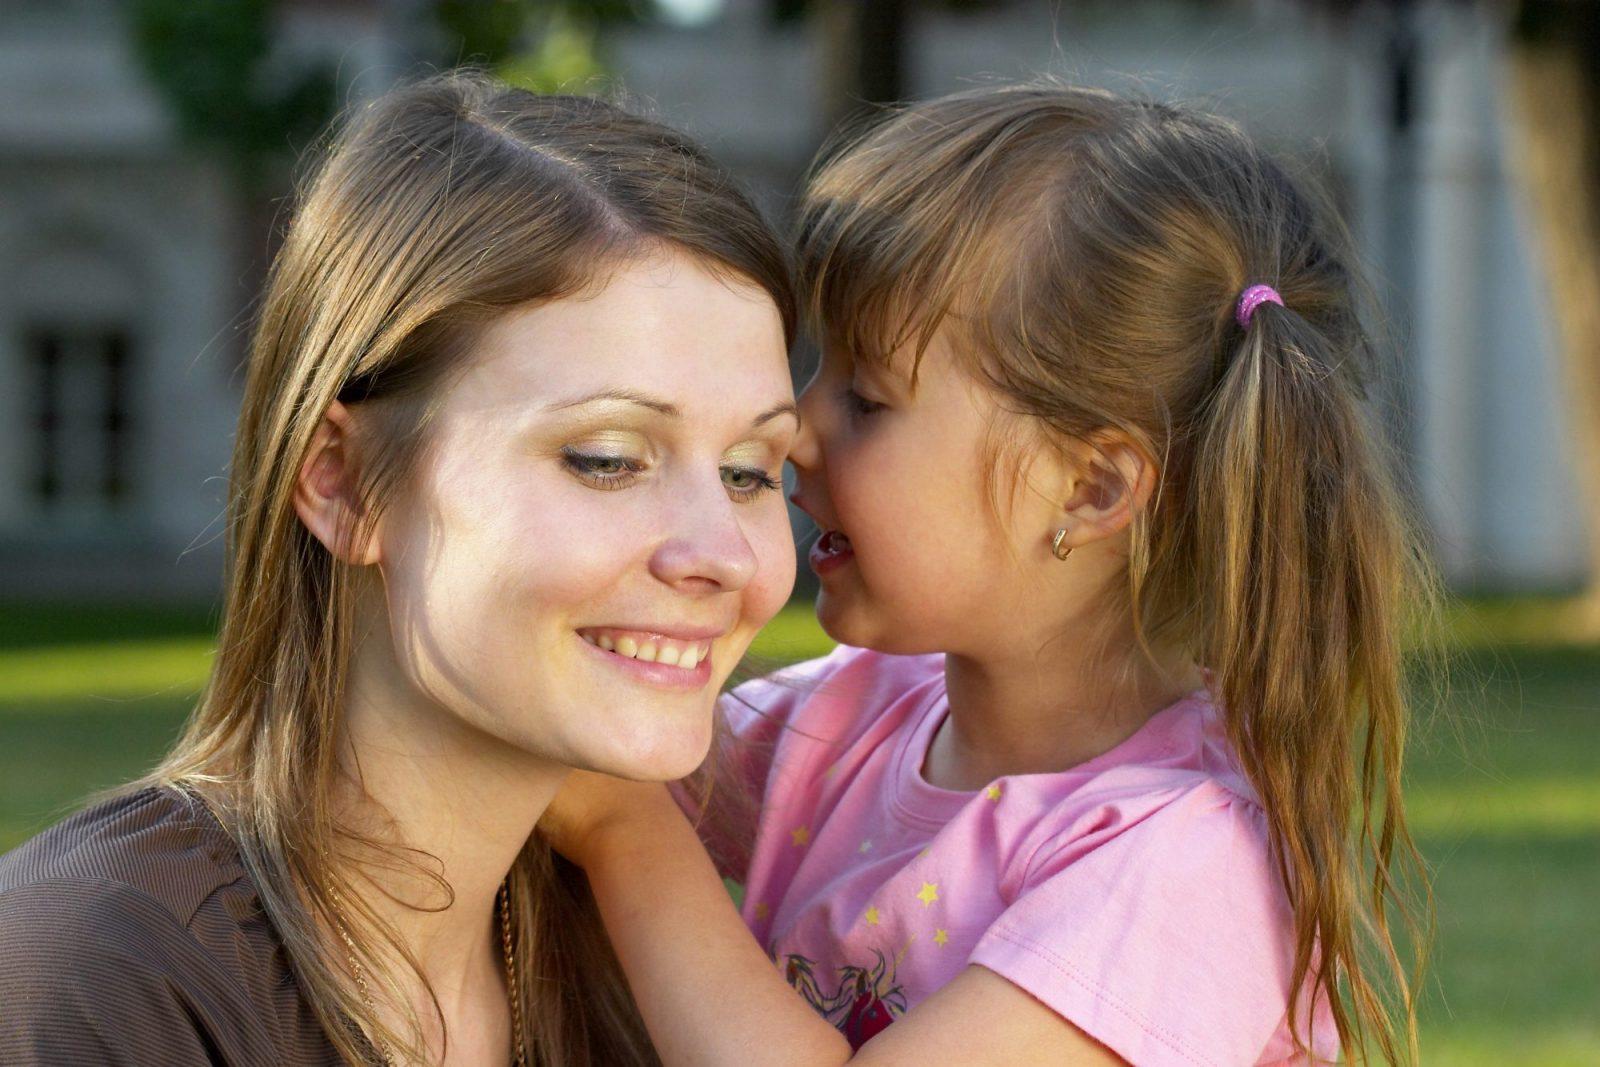 Verbeter Het Contact Met Je Kind En Luister Met Aandacht!